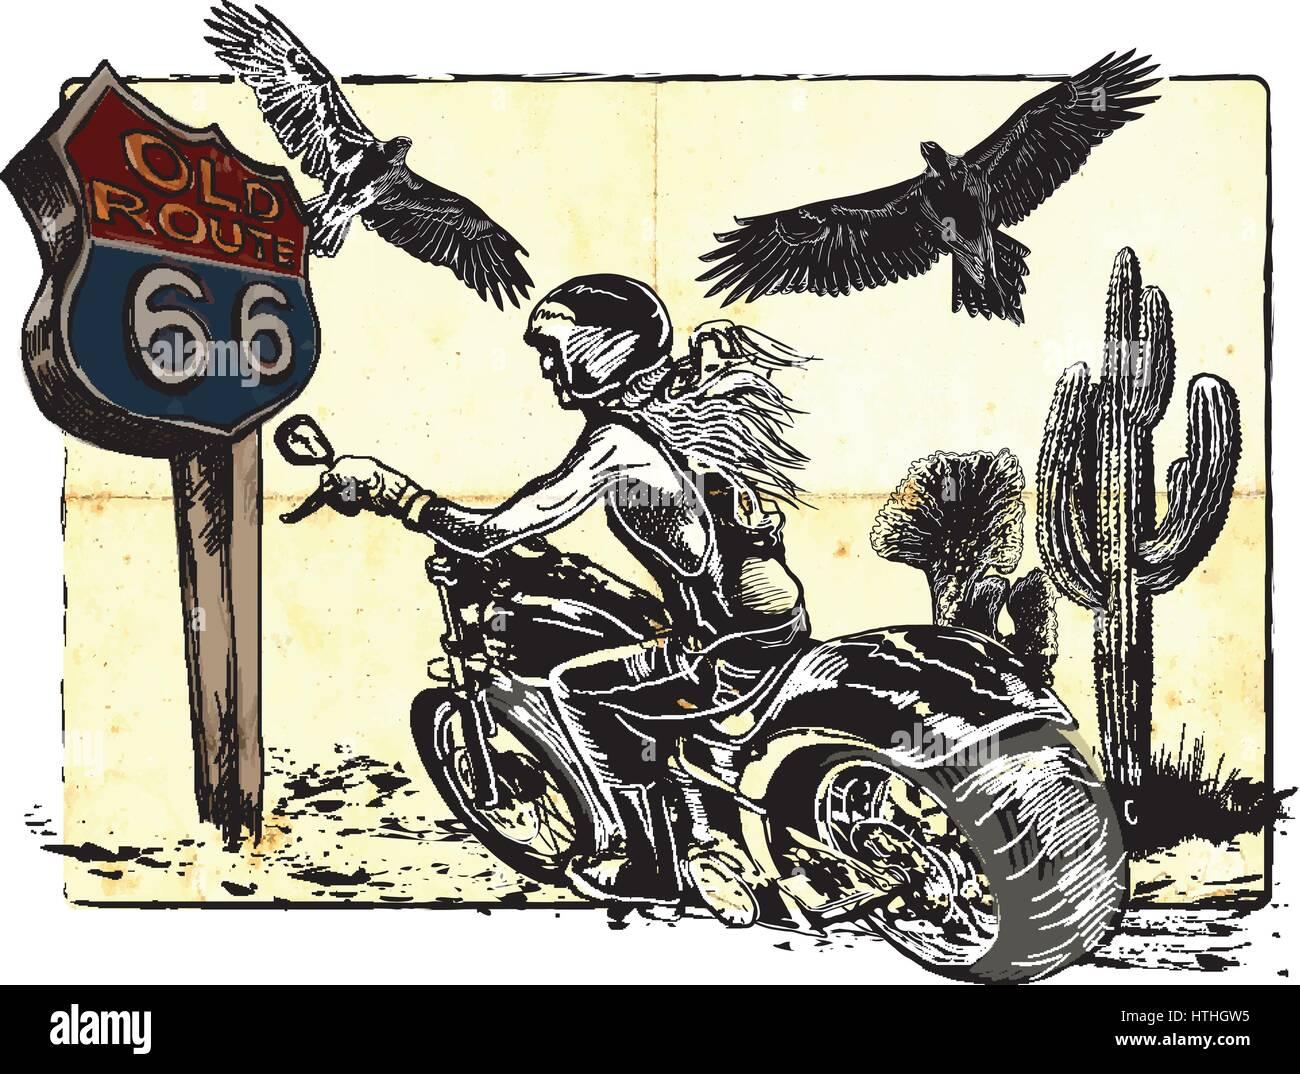 Falcon Attack Stock Illustrations – 640 Falcon Attack Stock Illustrations,  Vectors & Clipart - Dreamstime